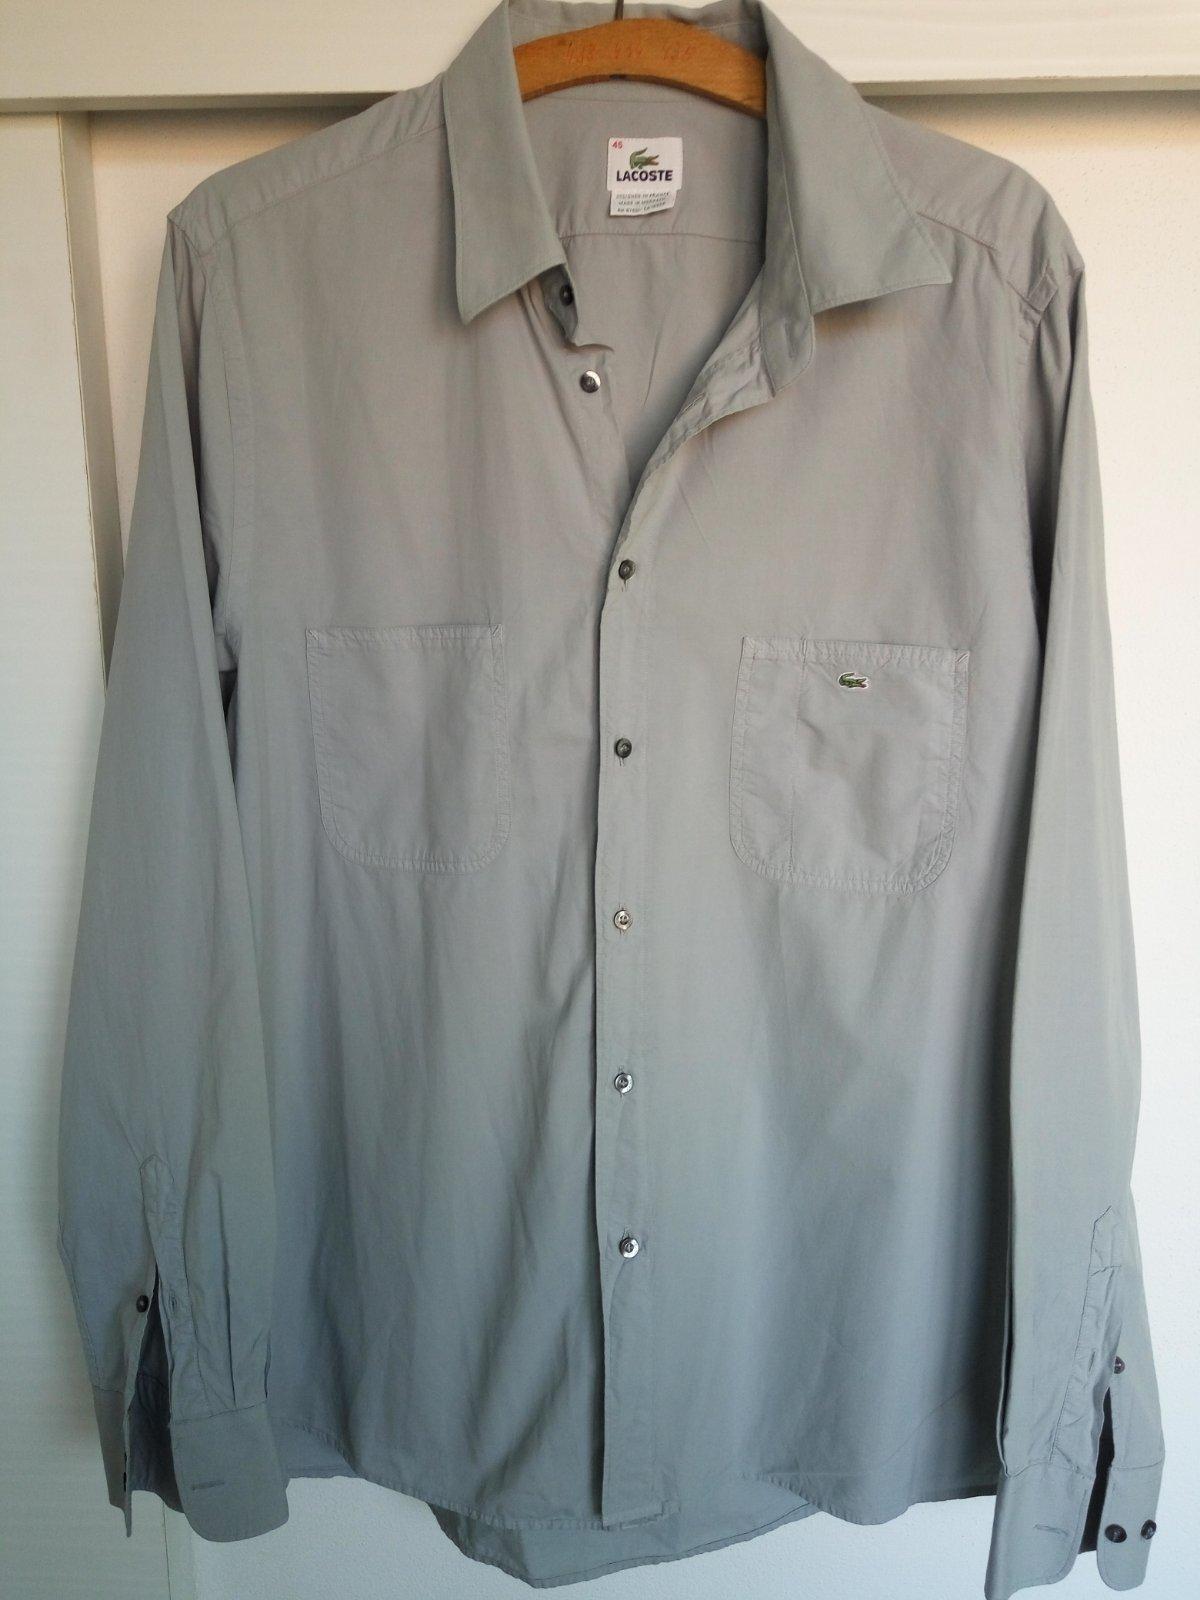 7b7993602d7da Pánska košeľa dlhý rukáv 45, lacoste,45 - 3 € od predávajúcej mimivila | Detský  bazár | ModryKonik.sk